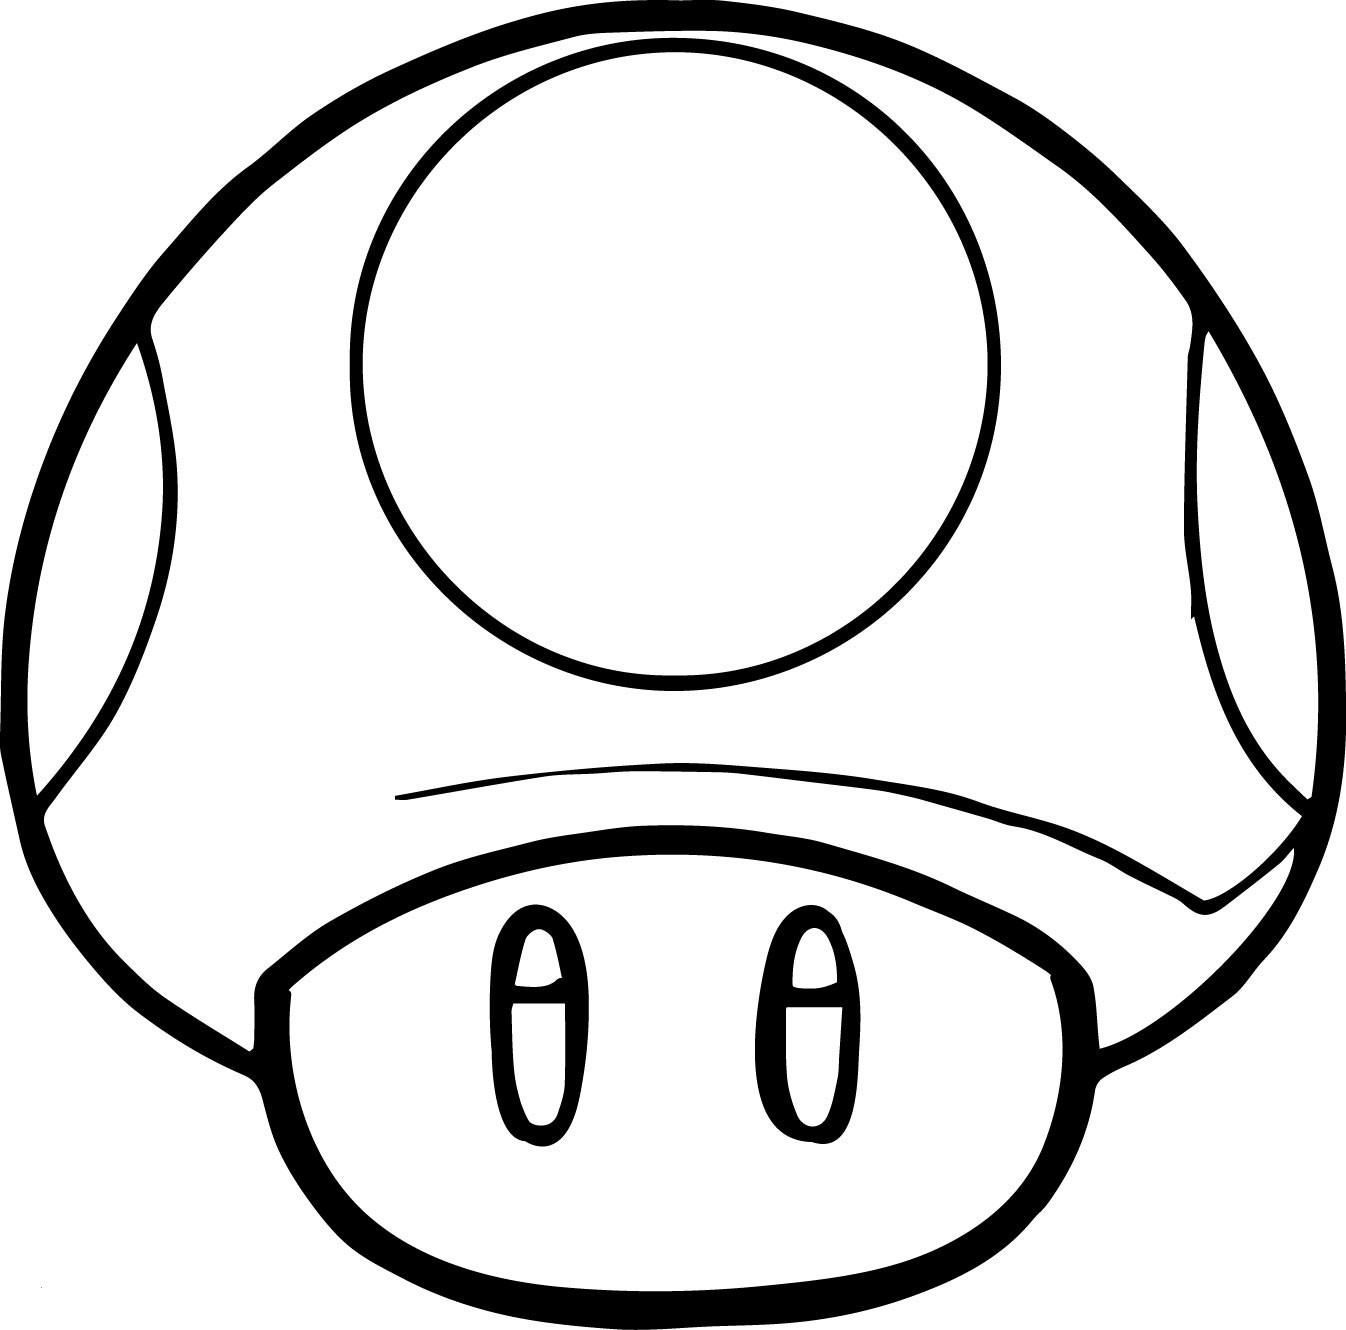 Mario Kart Ausmalbilder Frisch 50 Neu Mario Kart Ausmalbilder Zum Ausdrucken Beste Malvorlage Fotografieren